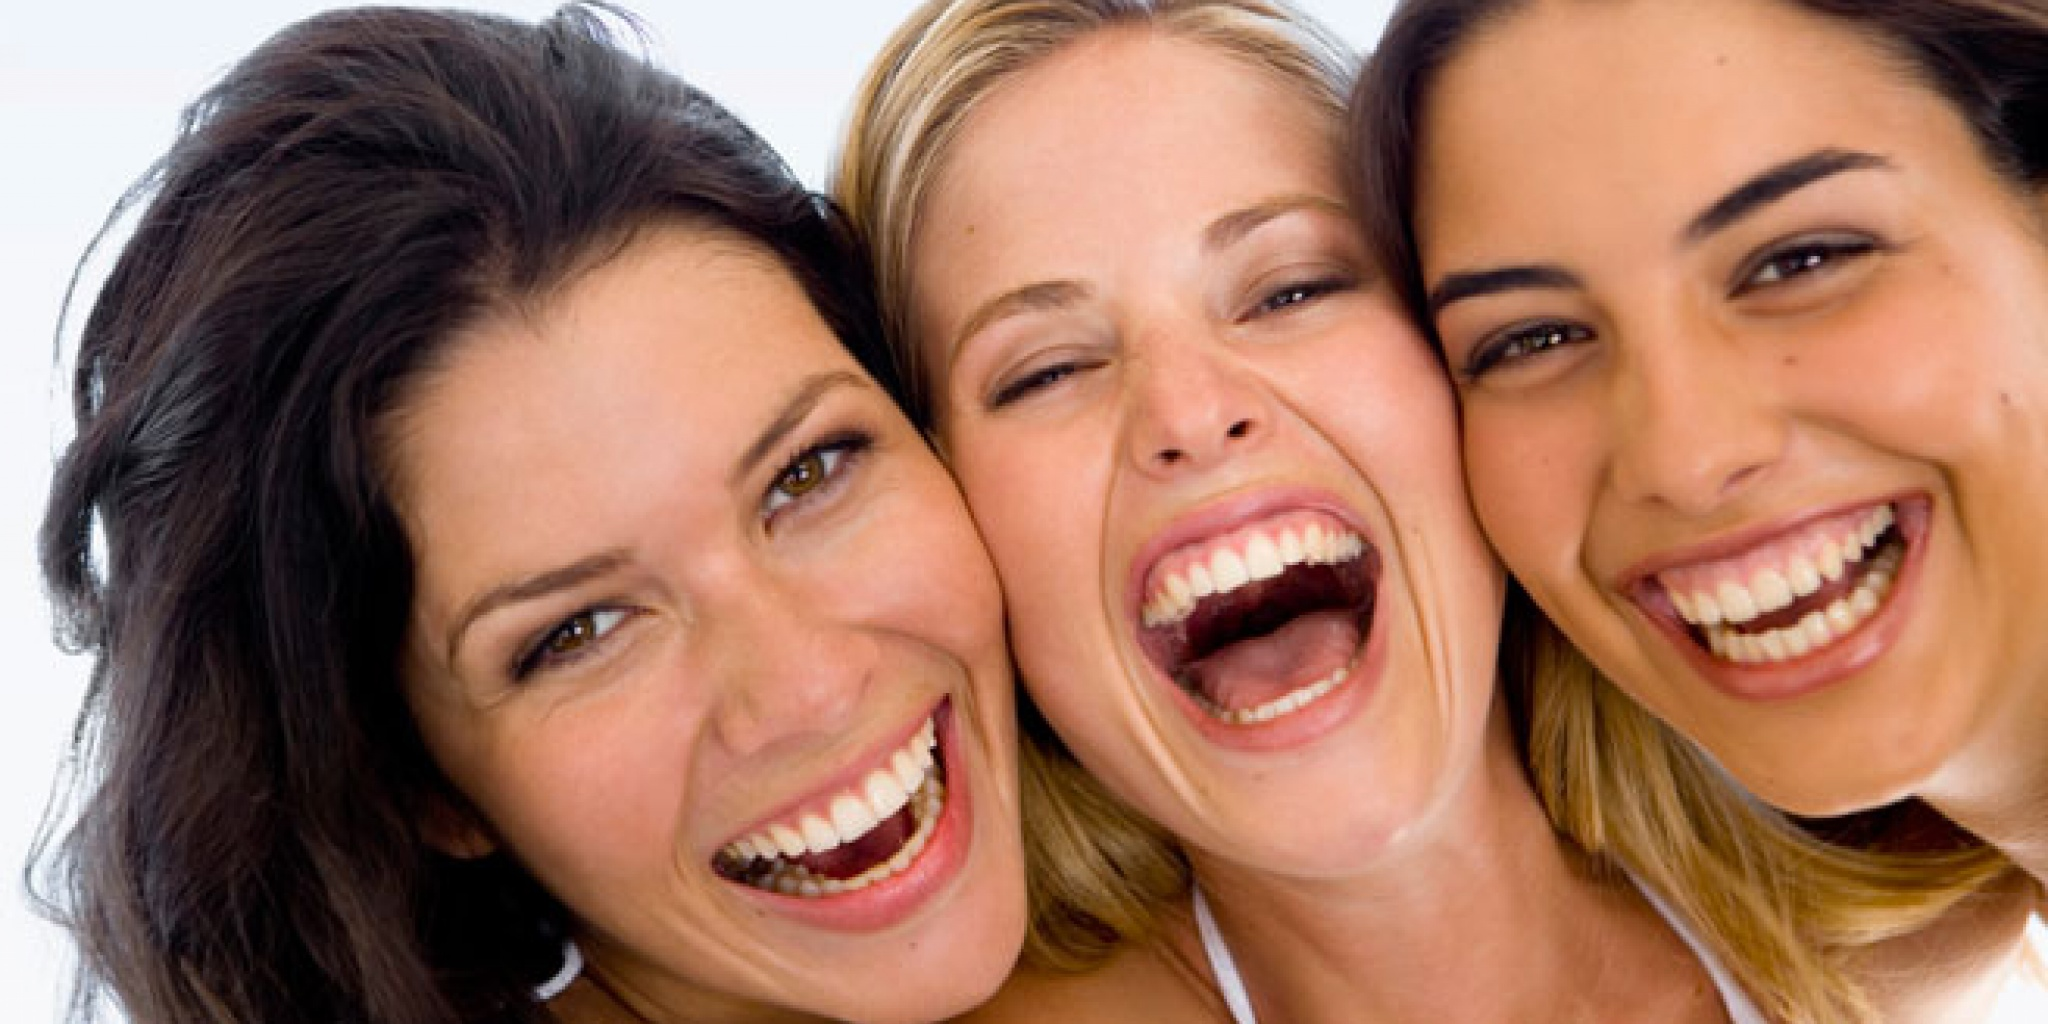 بالصور فوائد الضحك , اهم الفوائد الصحية للضحك 5805 2